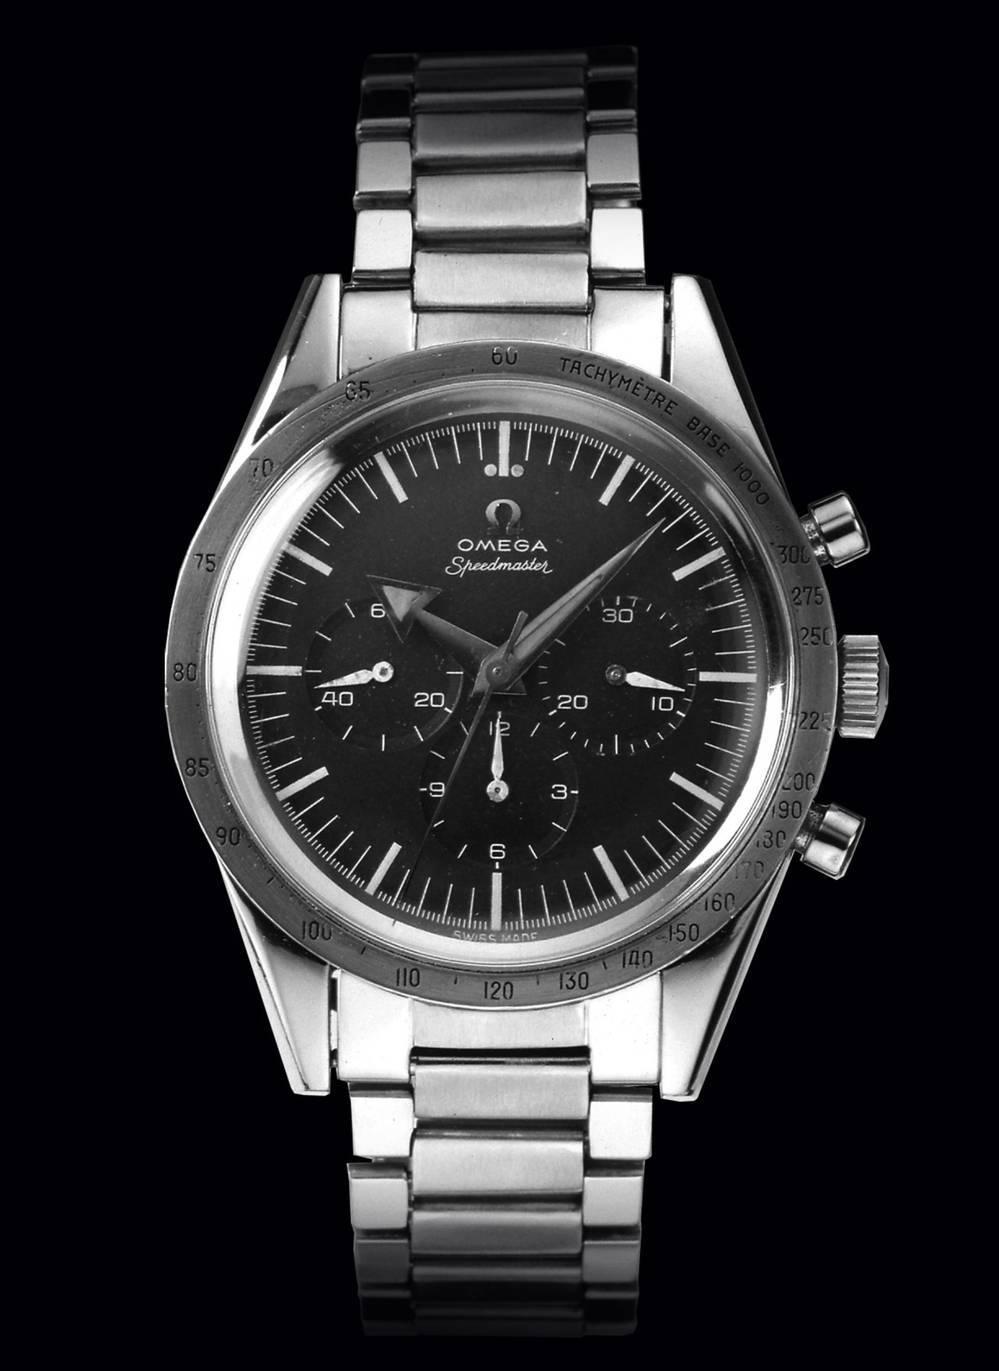 Thiết kế đồng hồ Omega Speedmaster đầu tiên CKv 2915